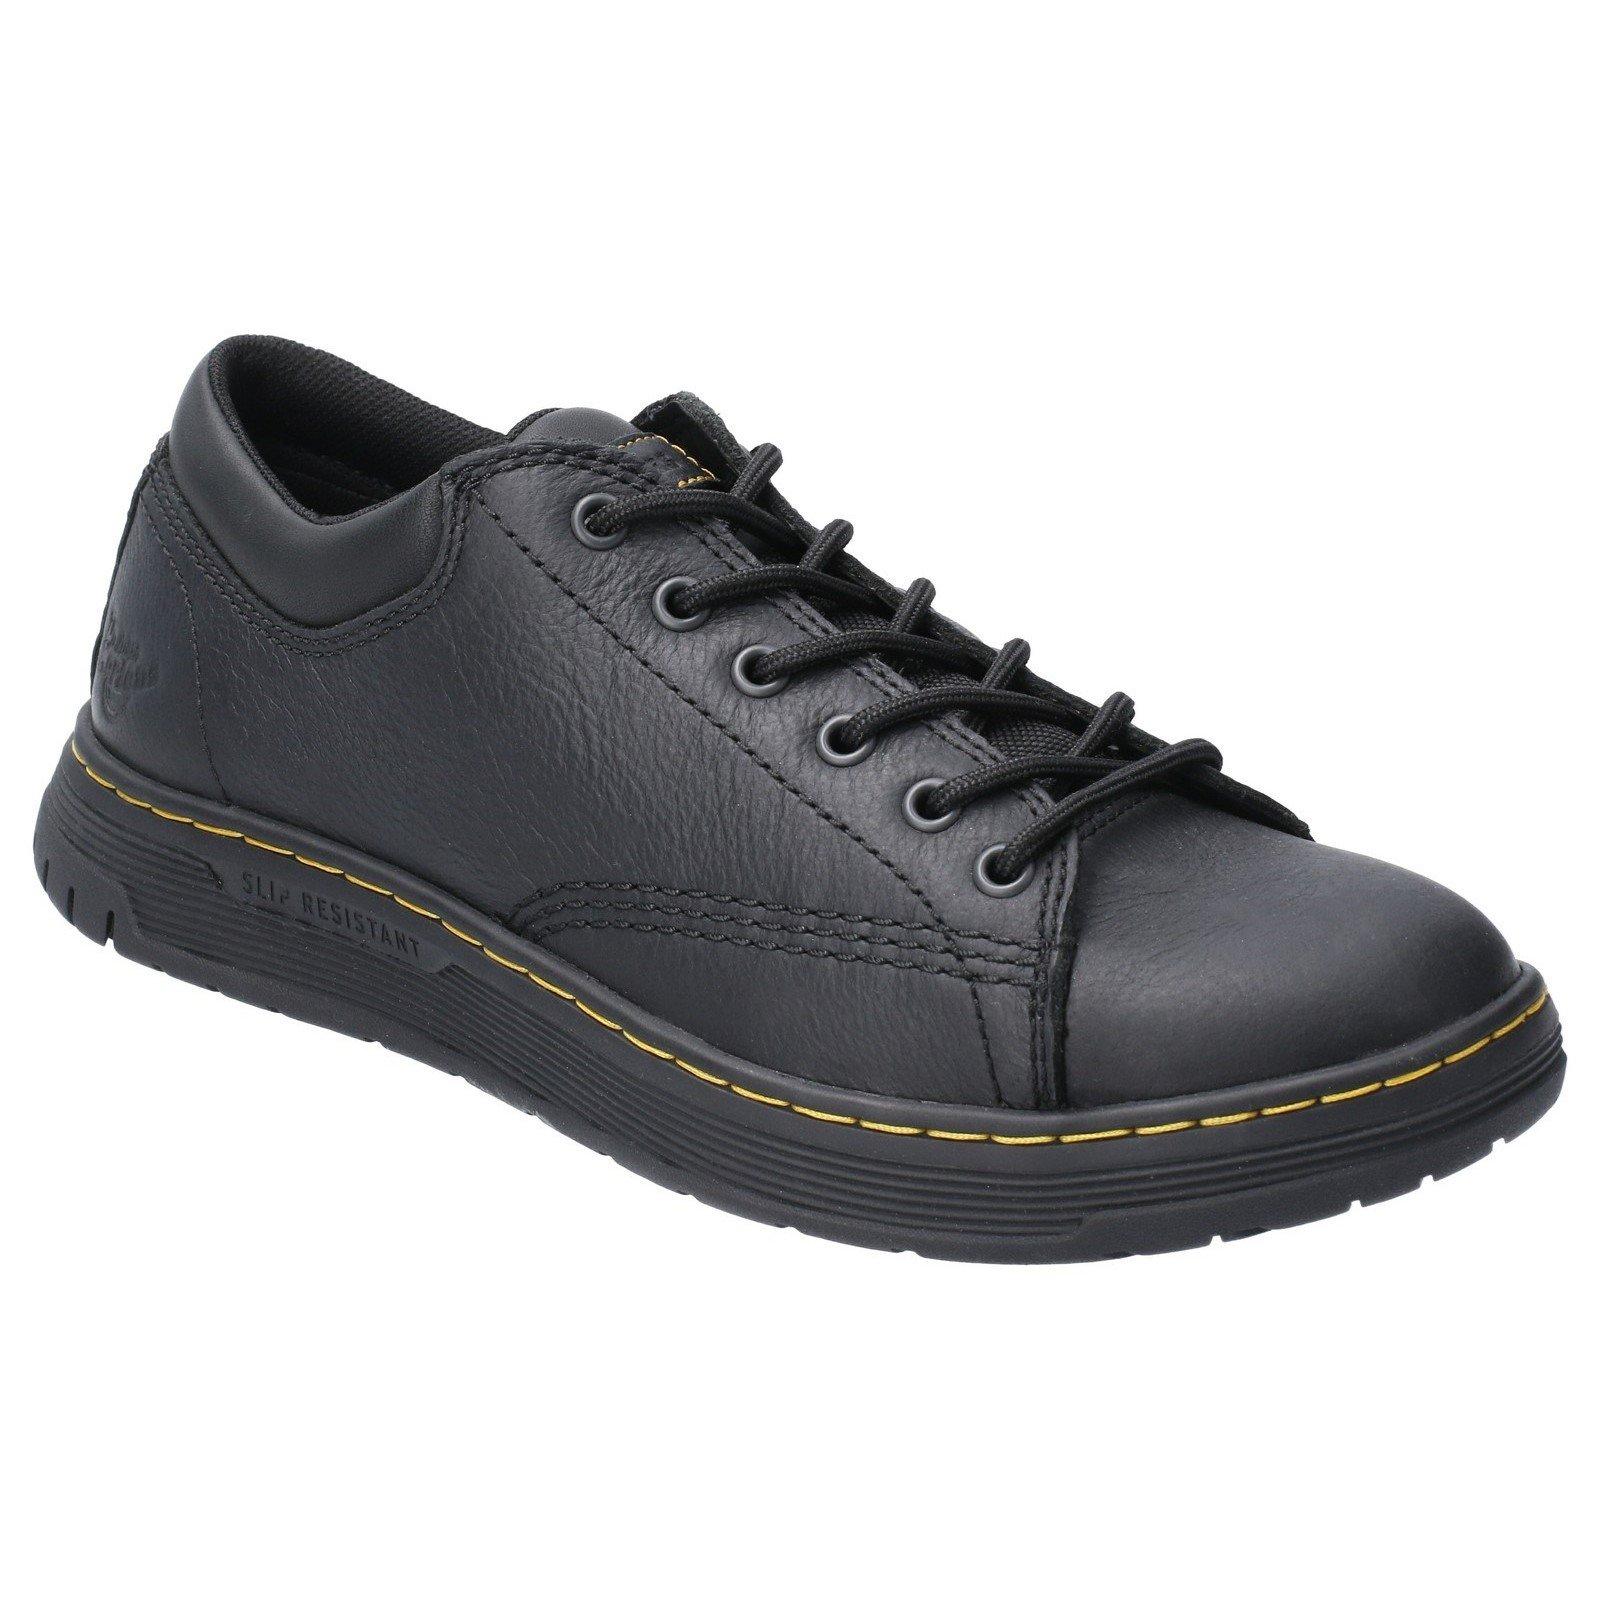 Dr Martens Unisex Maltby SR Lace Trainer Black 29510 - Black 12